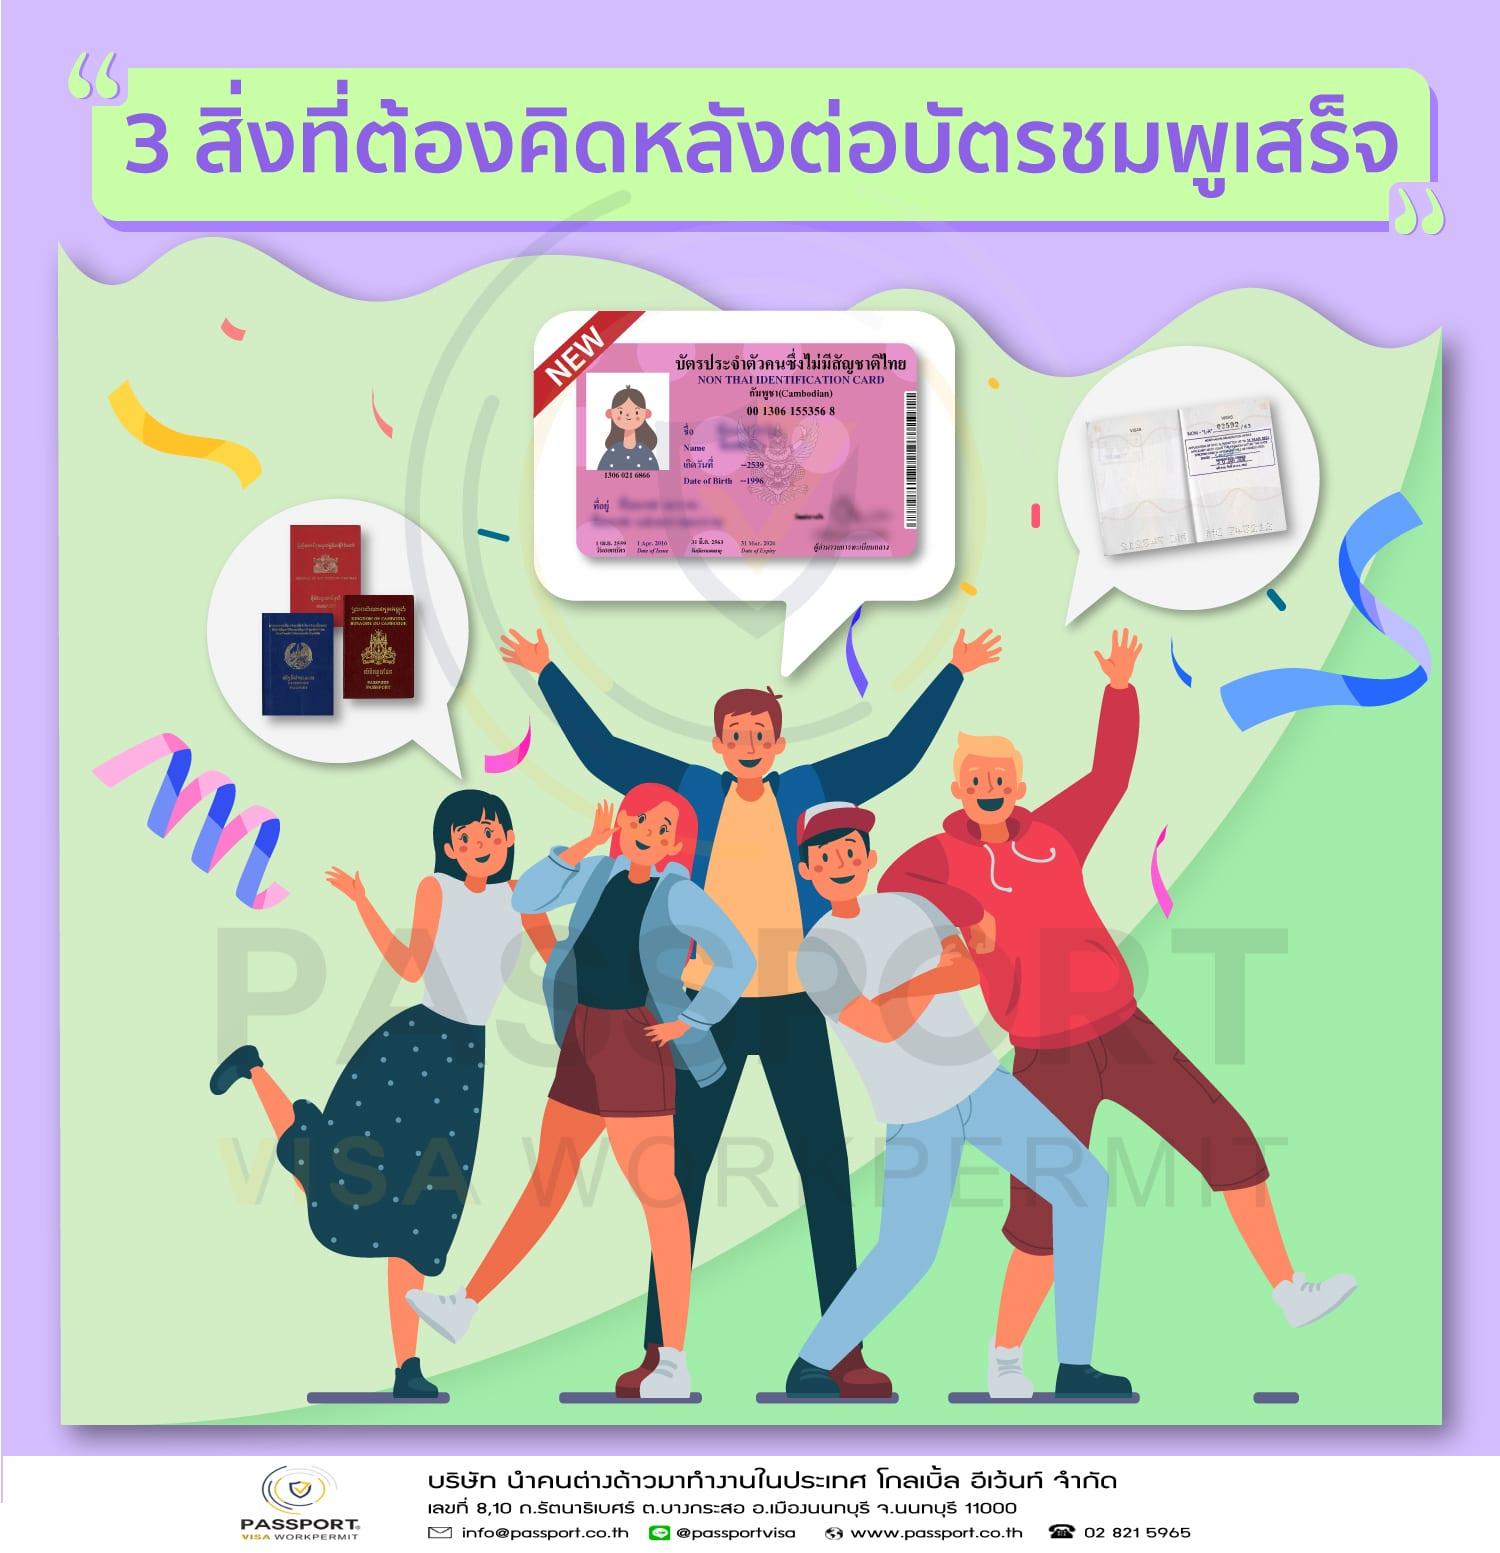 3 สิ่งที่ต้องทำหลังต่อบัตรชมพู